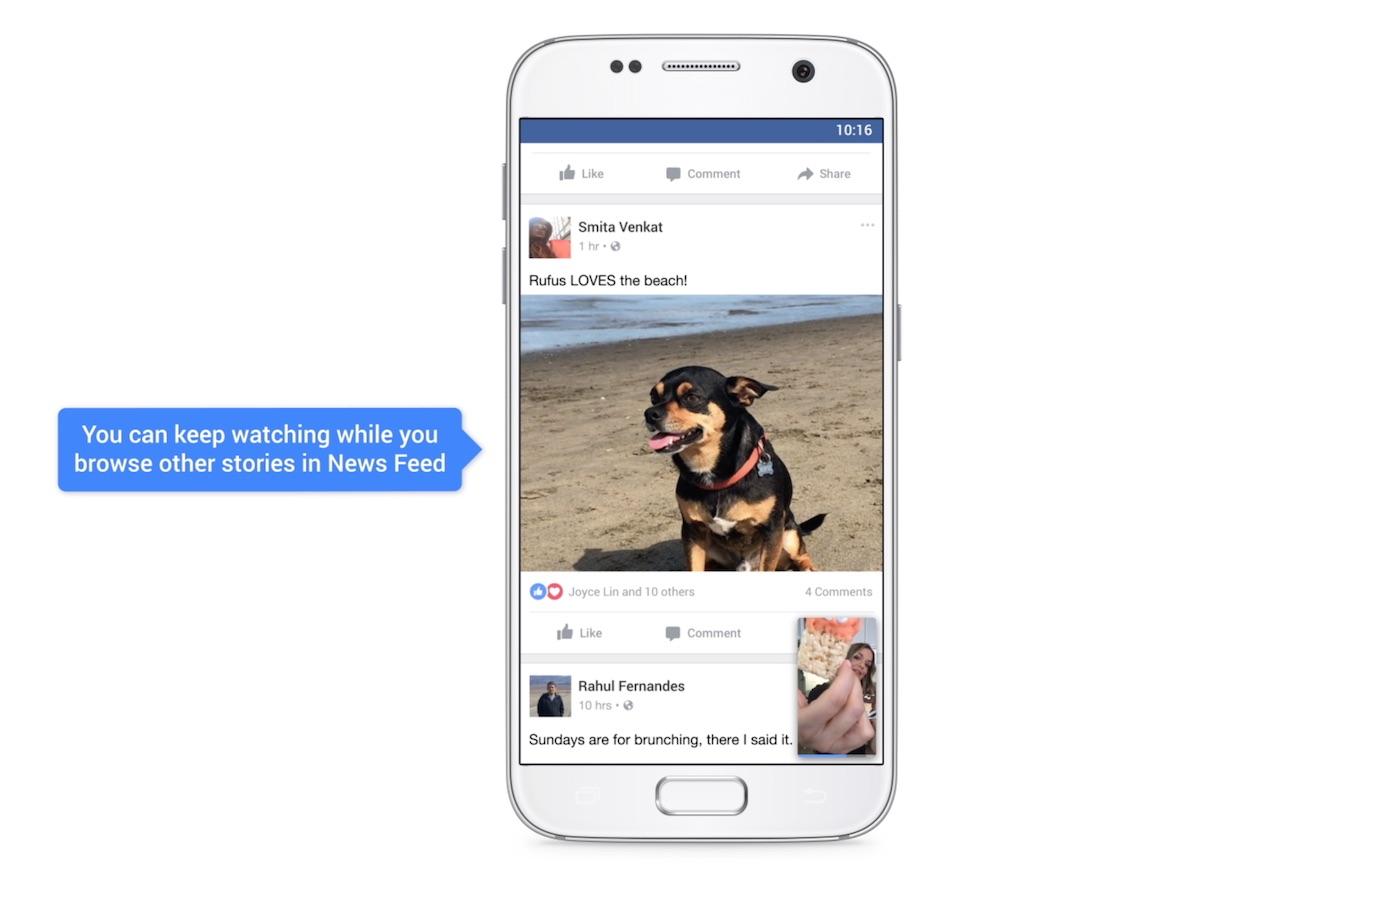 Bild in Bild: Facebook will sichergehen, dass man während des Videoschauens noch weitere Inhalte konsumieren kann.